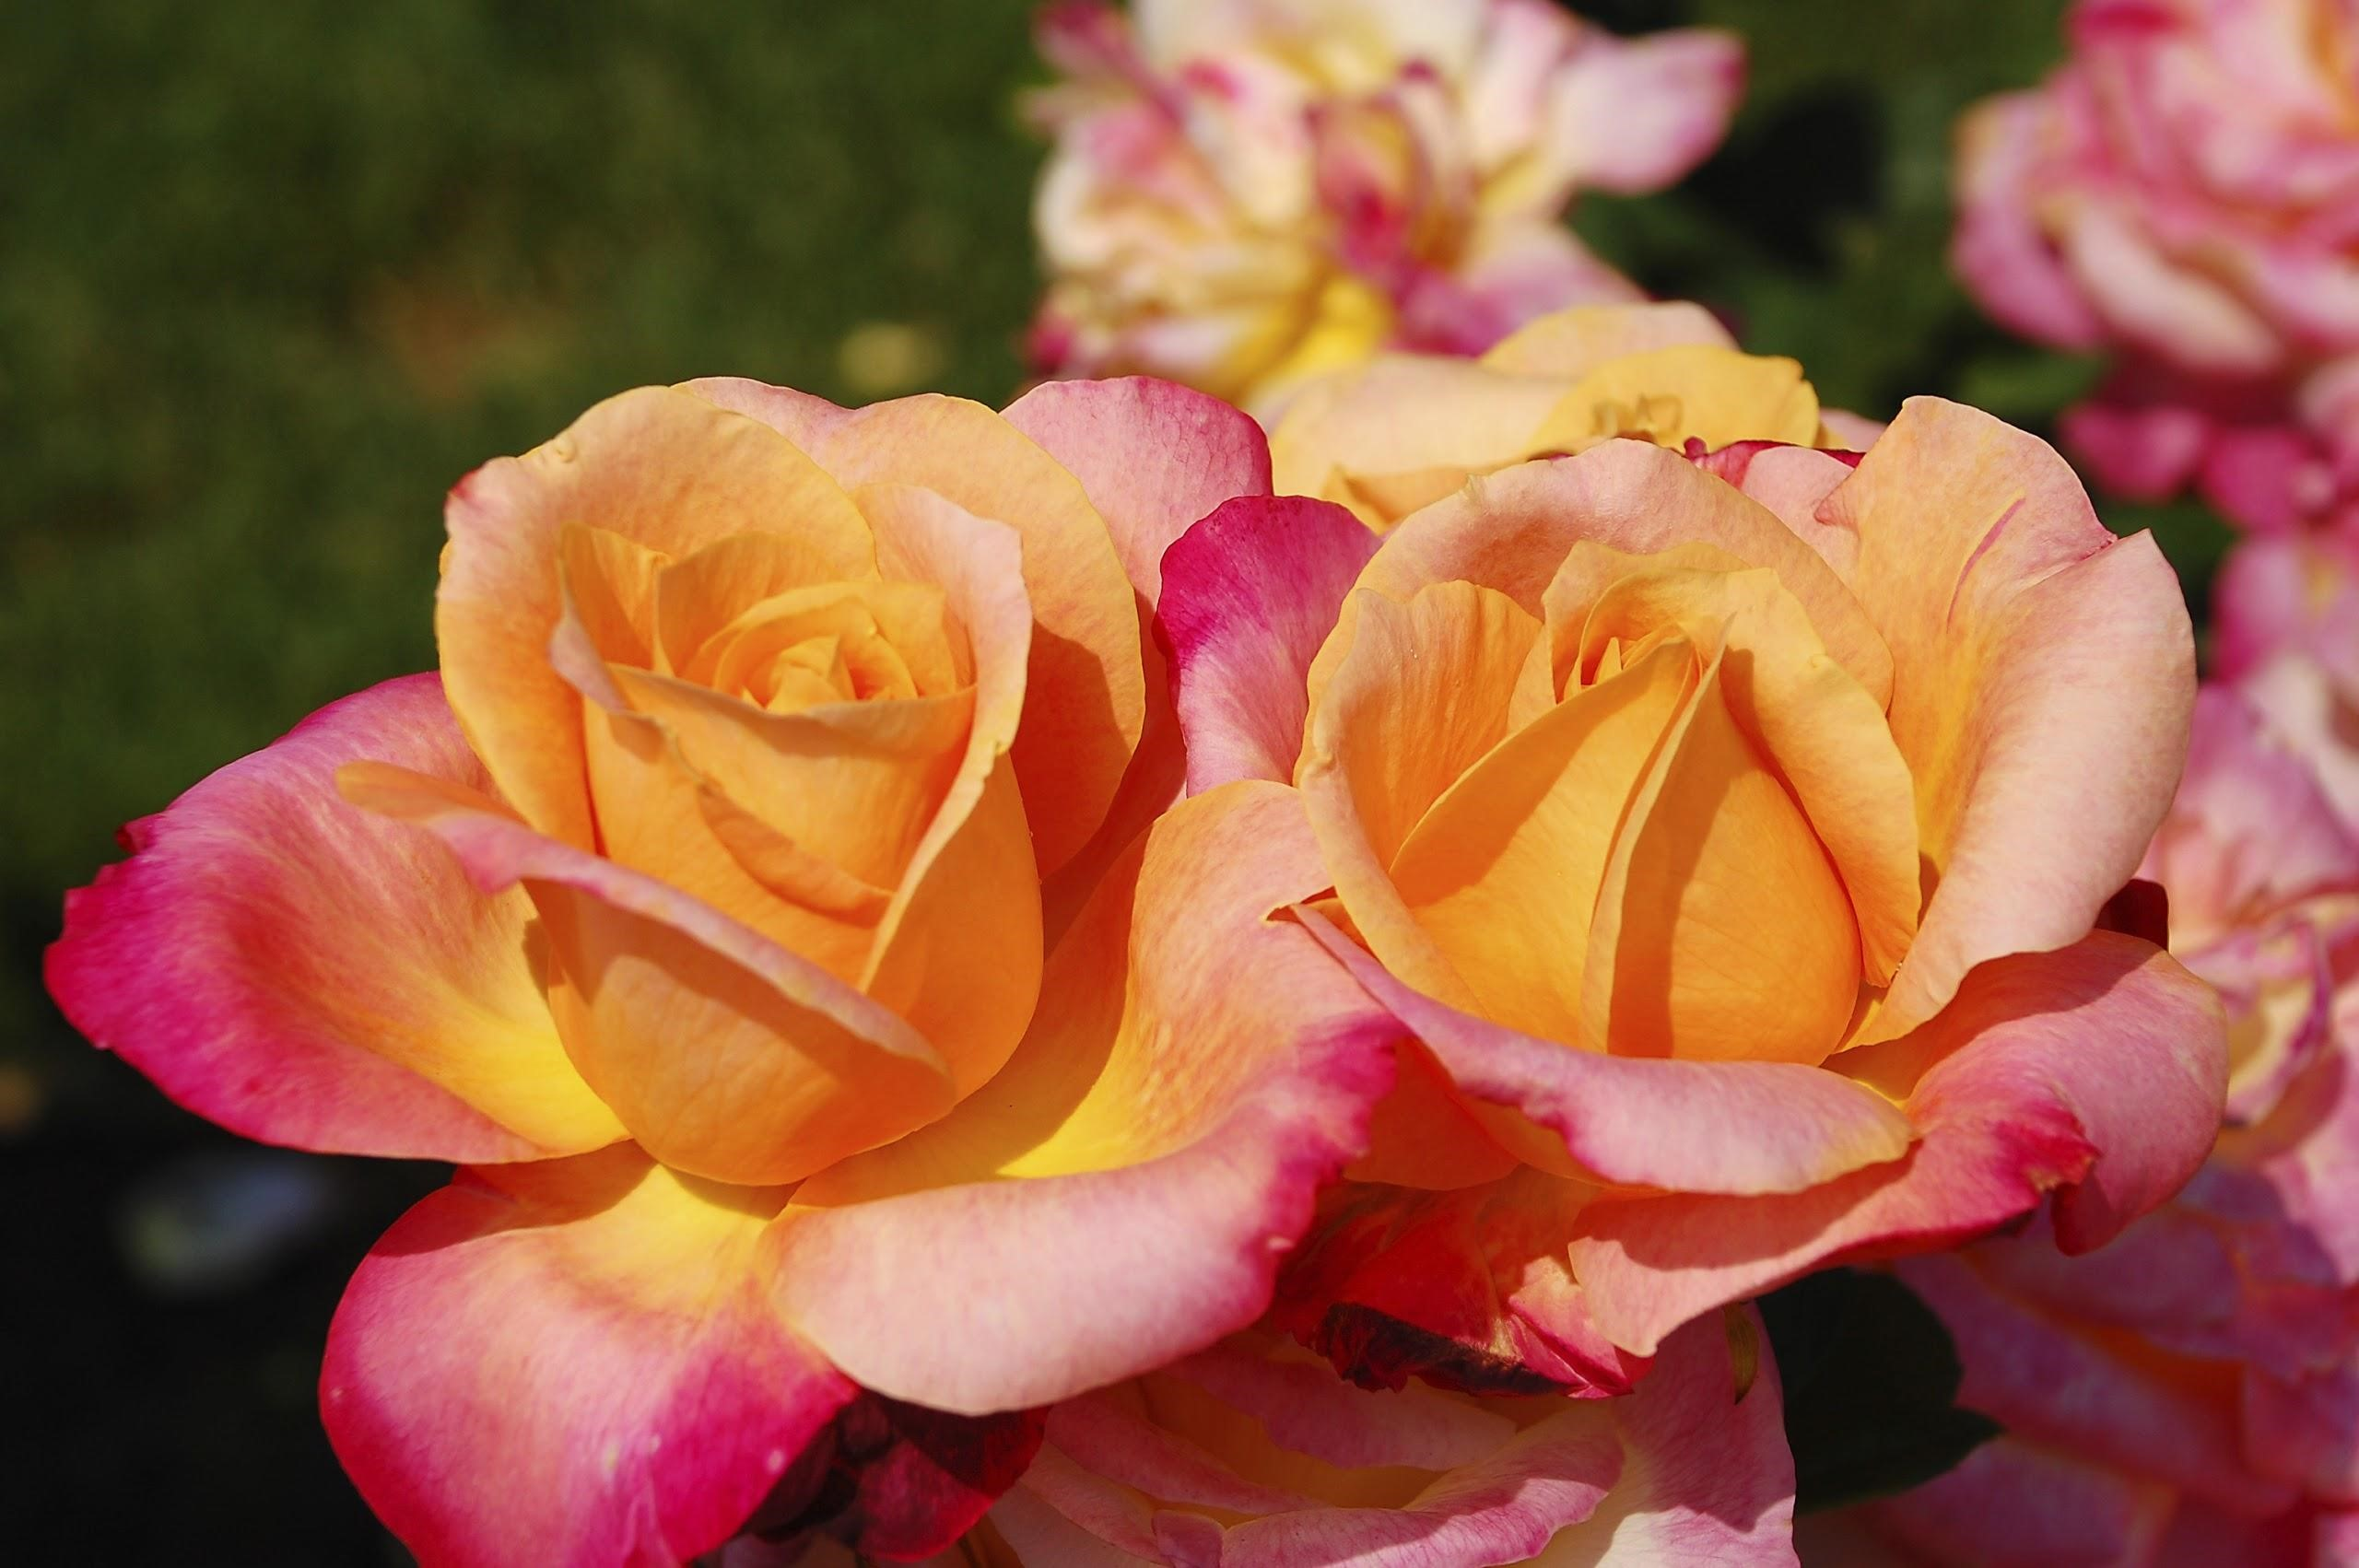 Diferentes tipos de rosas - Nuestro jardín de rosas - Extensión de la Universidad de Illinois